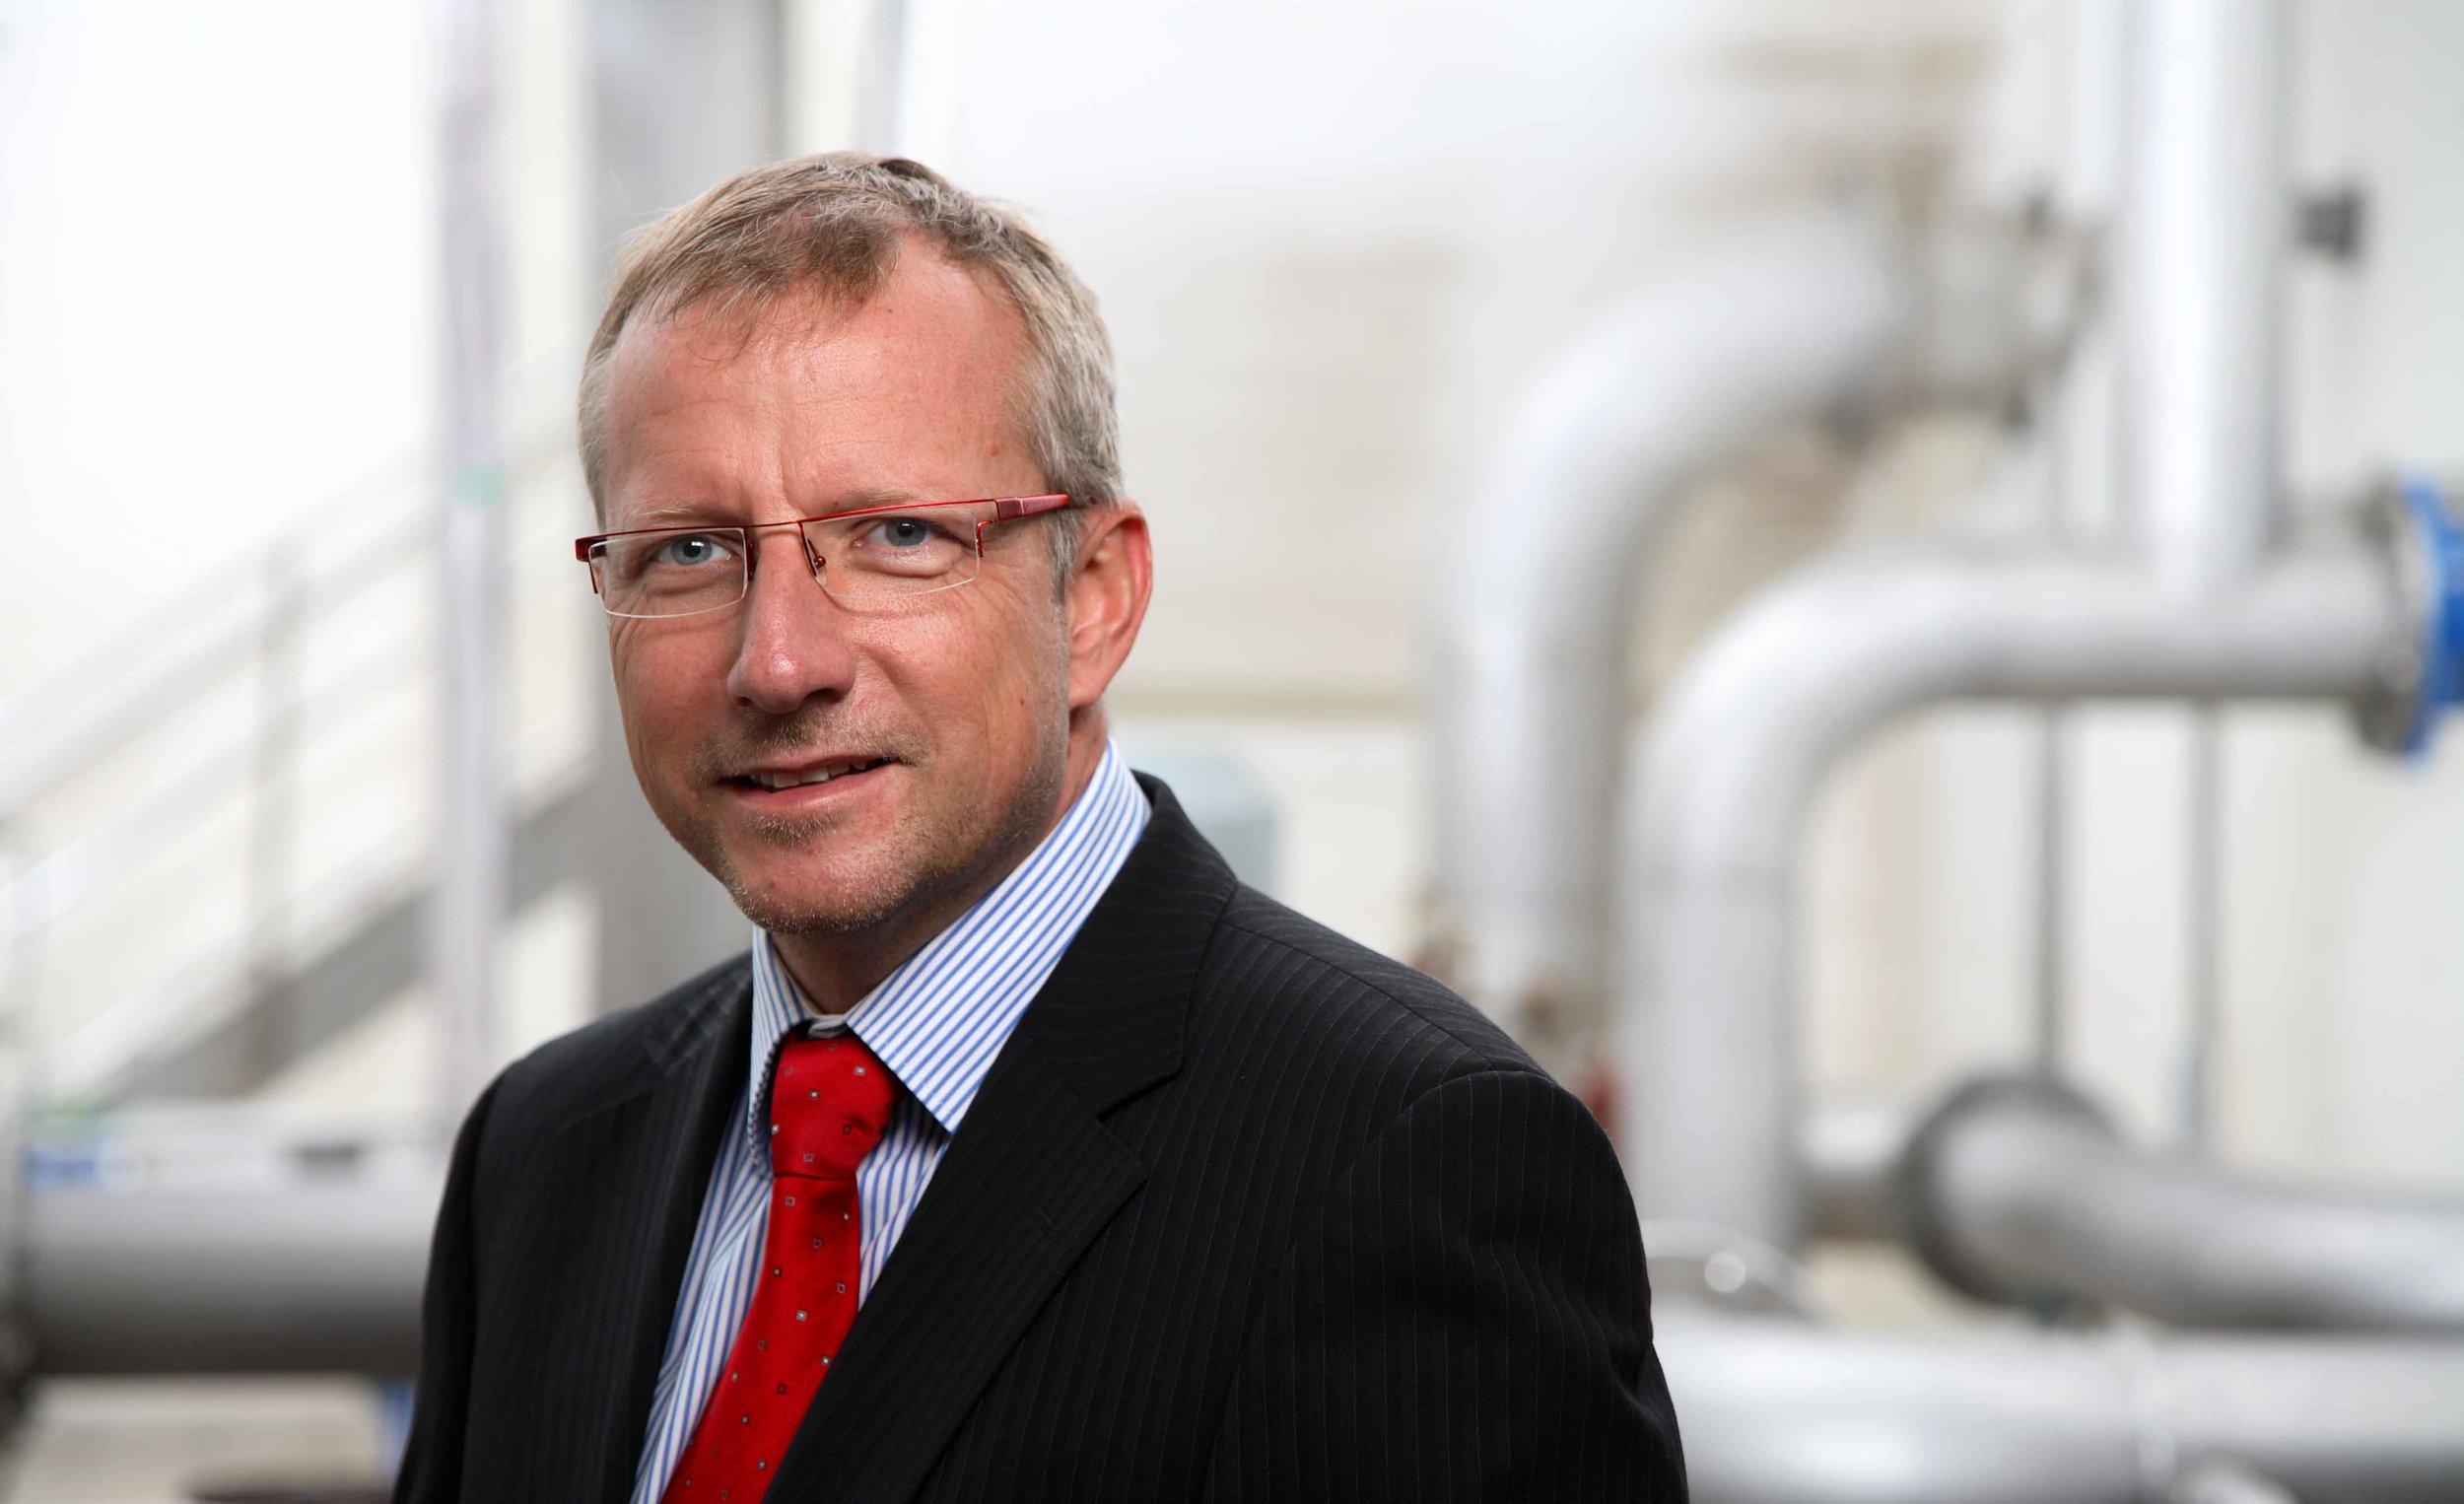 Prof. Dr. Stefan Gäth - Inhaber der Professur für Abfall- und Ressourcenmanagement an der Justus-Liebig-Universität Gießen.